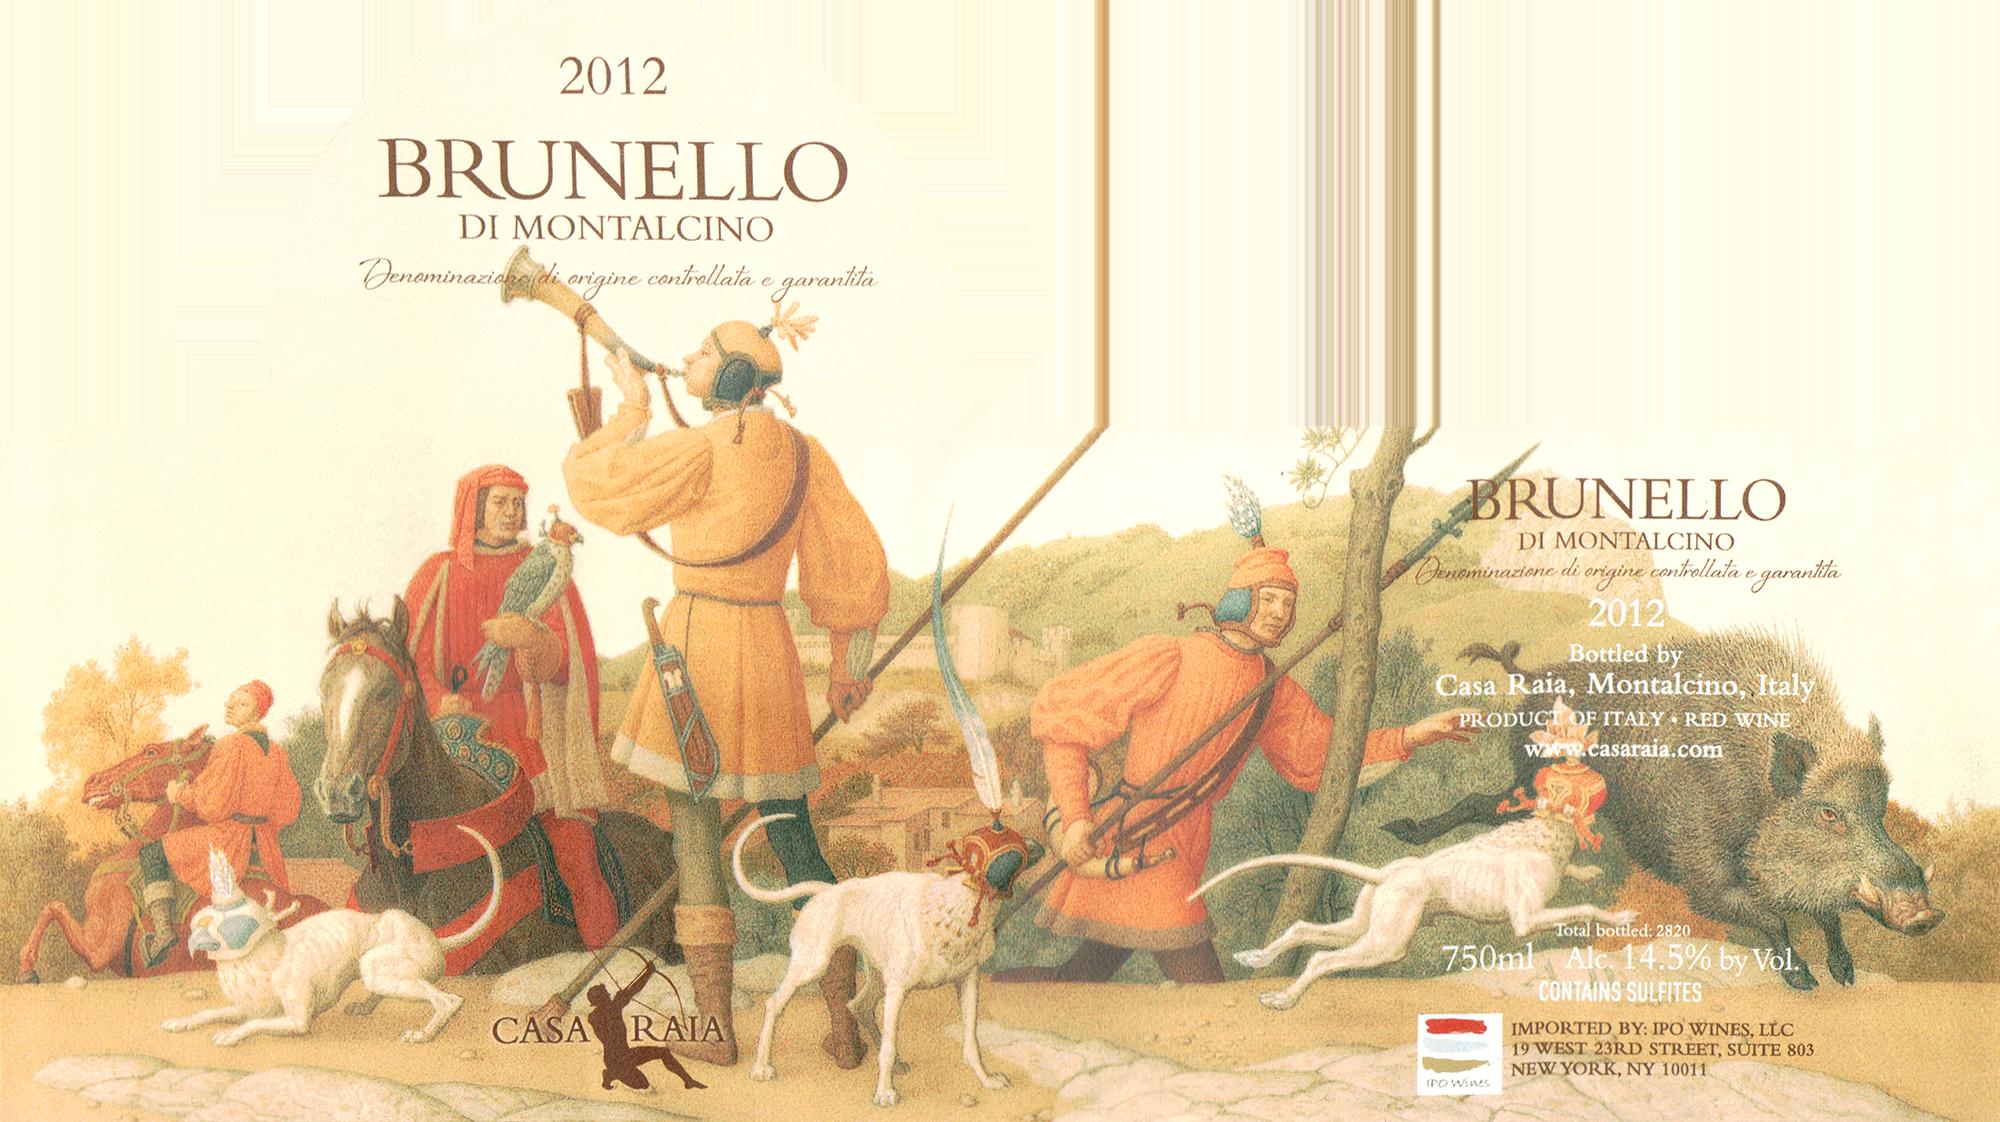 Casa Raia Brunello Di Montalcino 2012